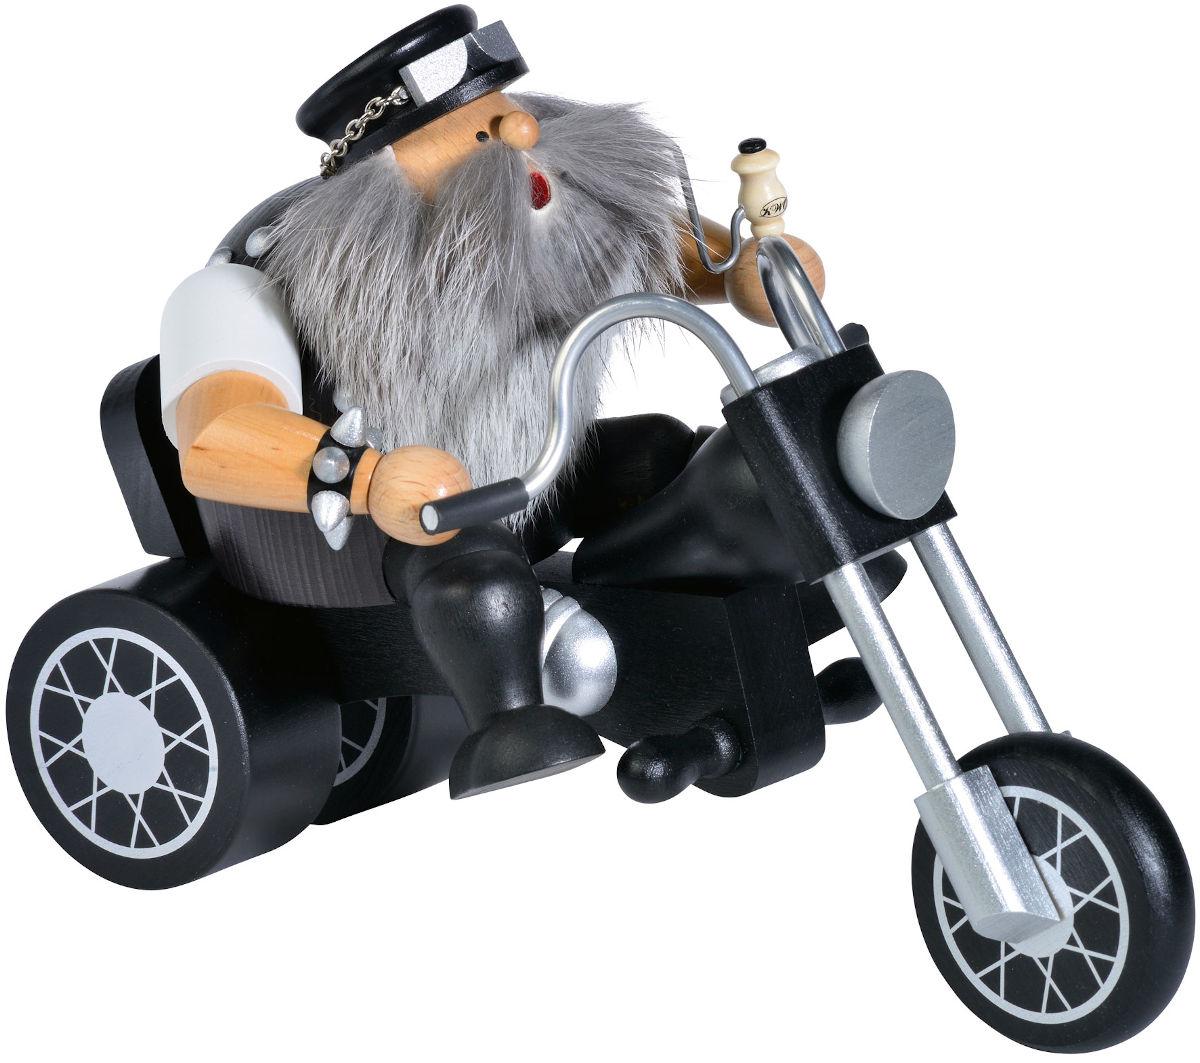 21492 Easy Rider - Biker